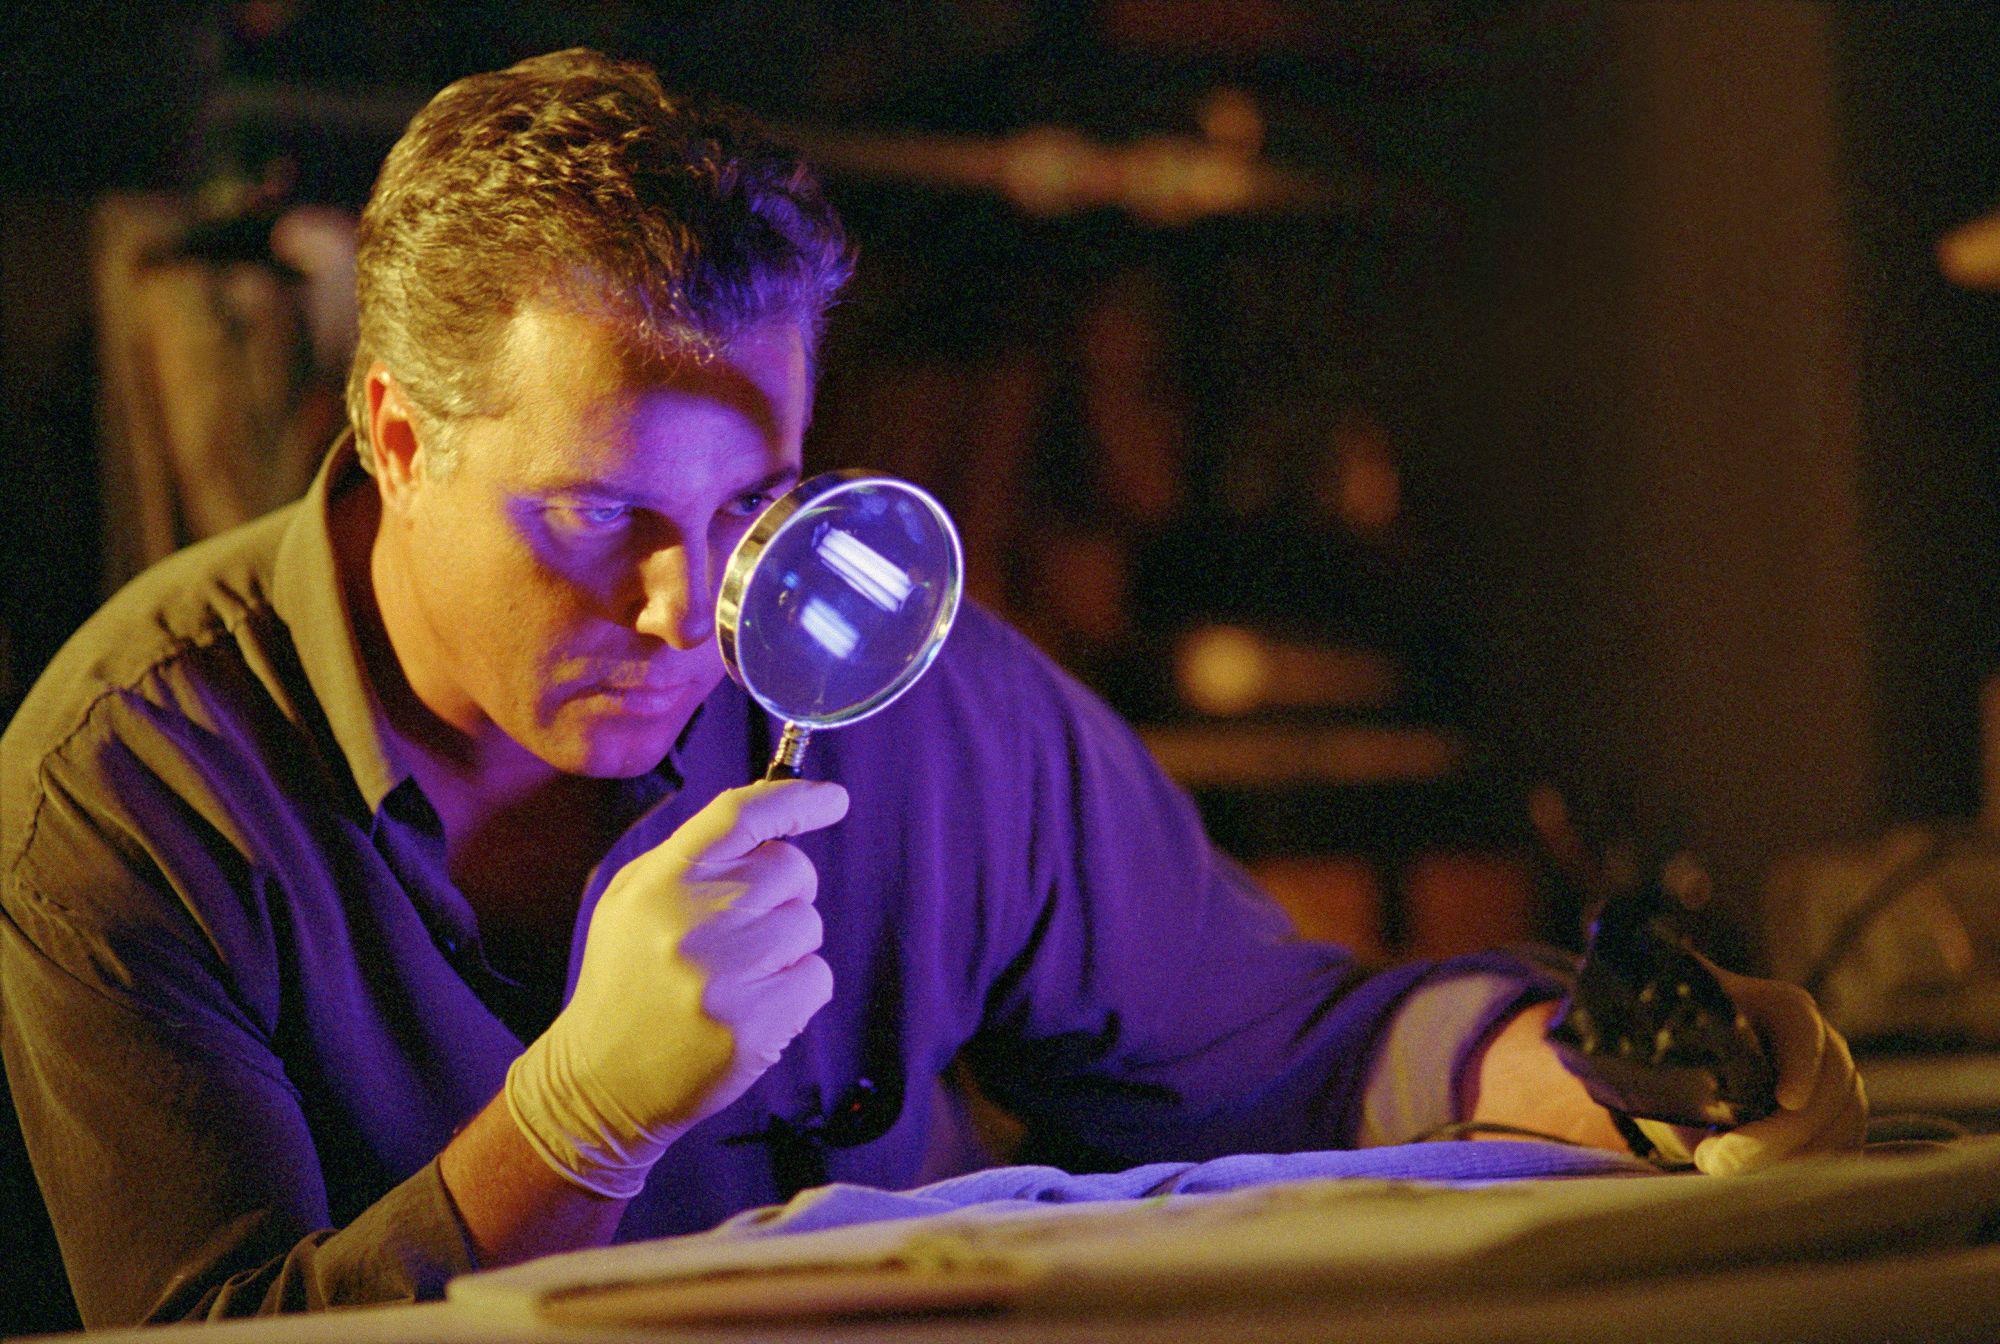 CSI uma série de investigação que merece ser lembrada